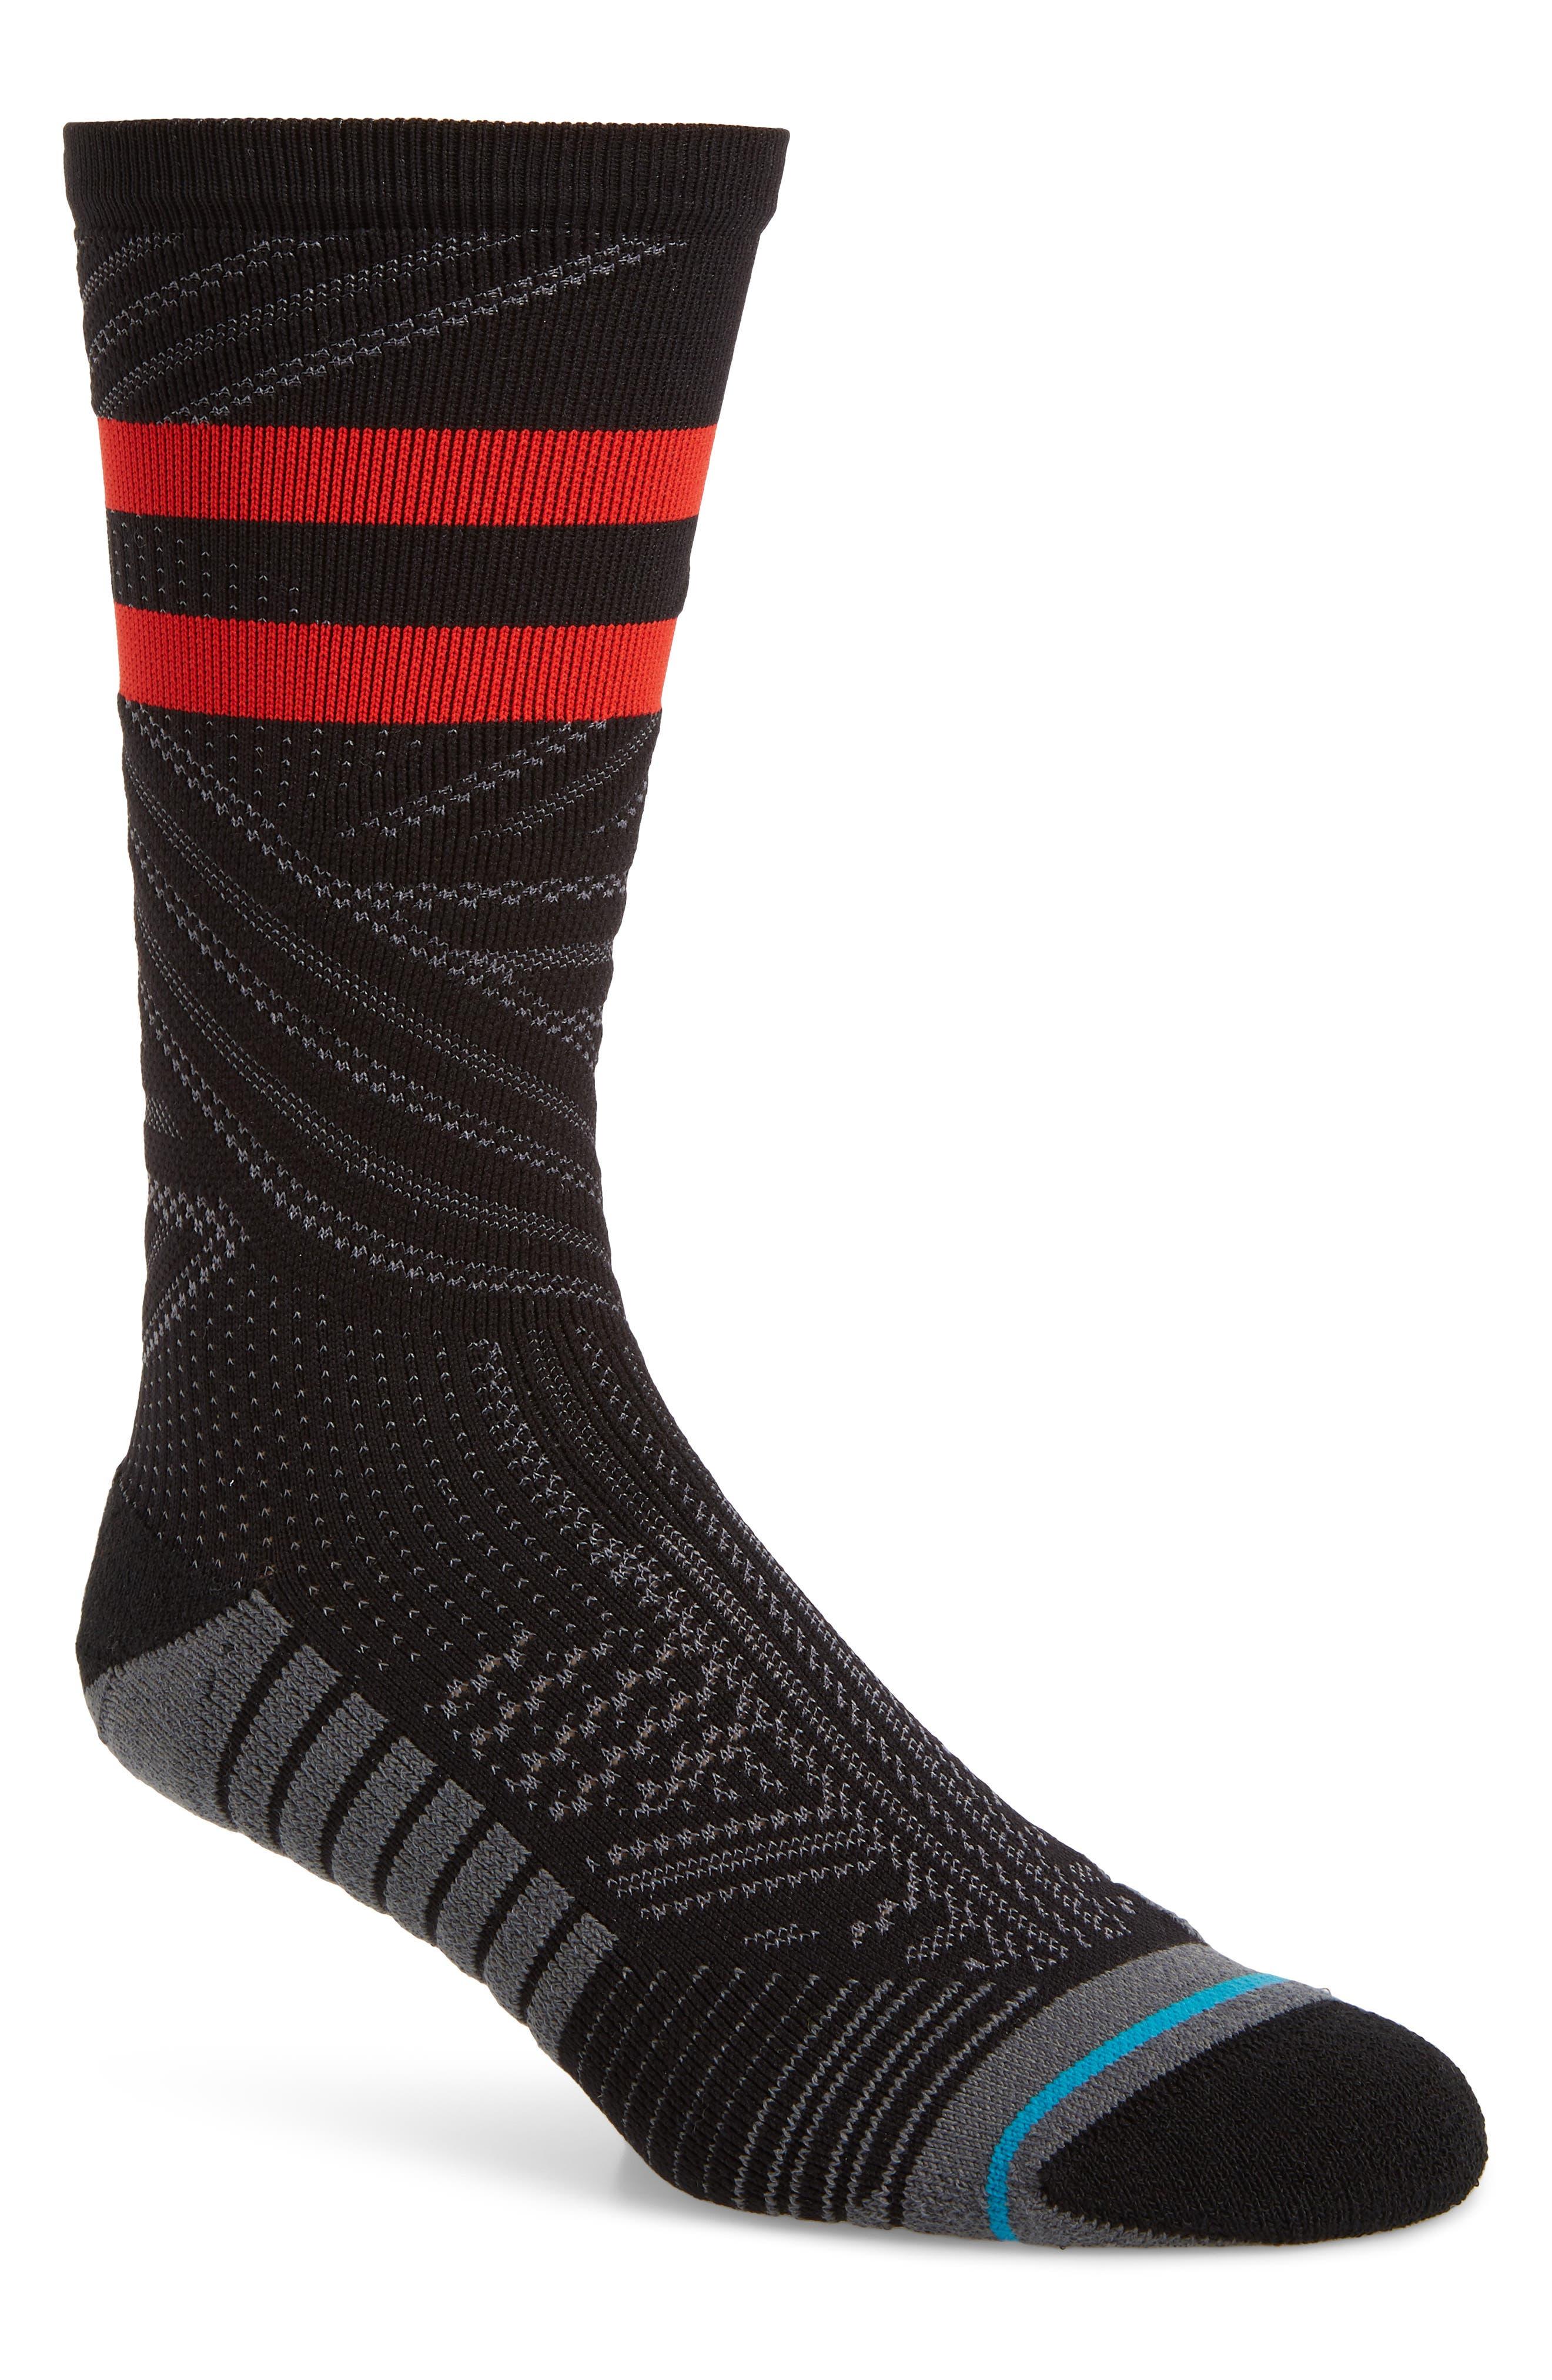 Uncommon Train Crew Socks, Main, color, BLACK